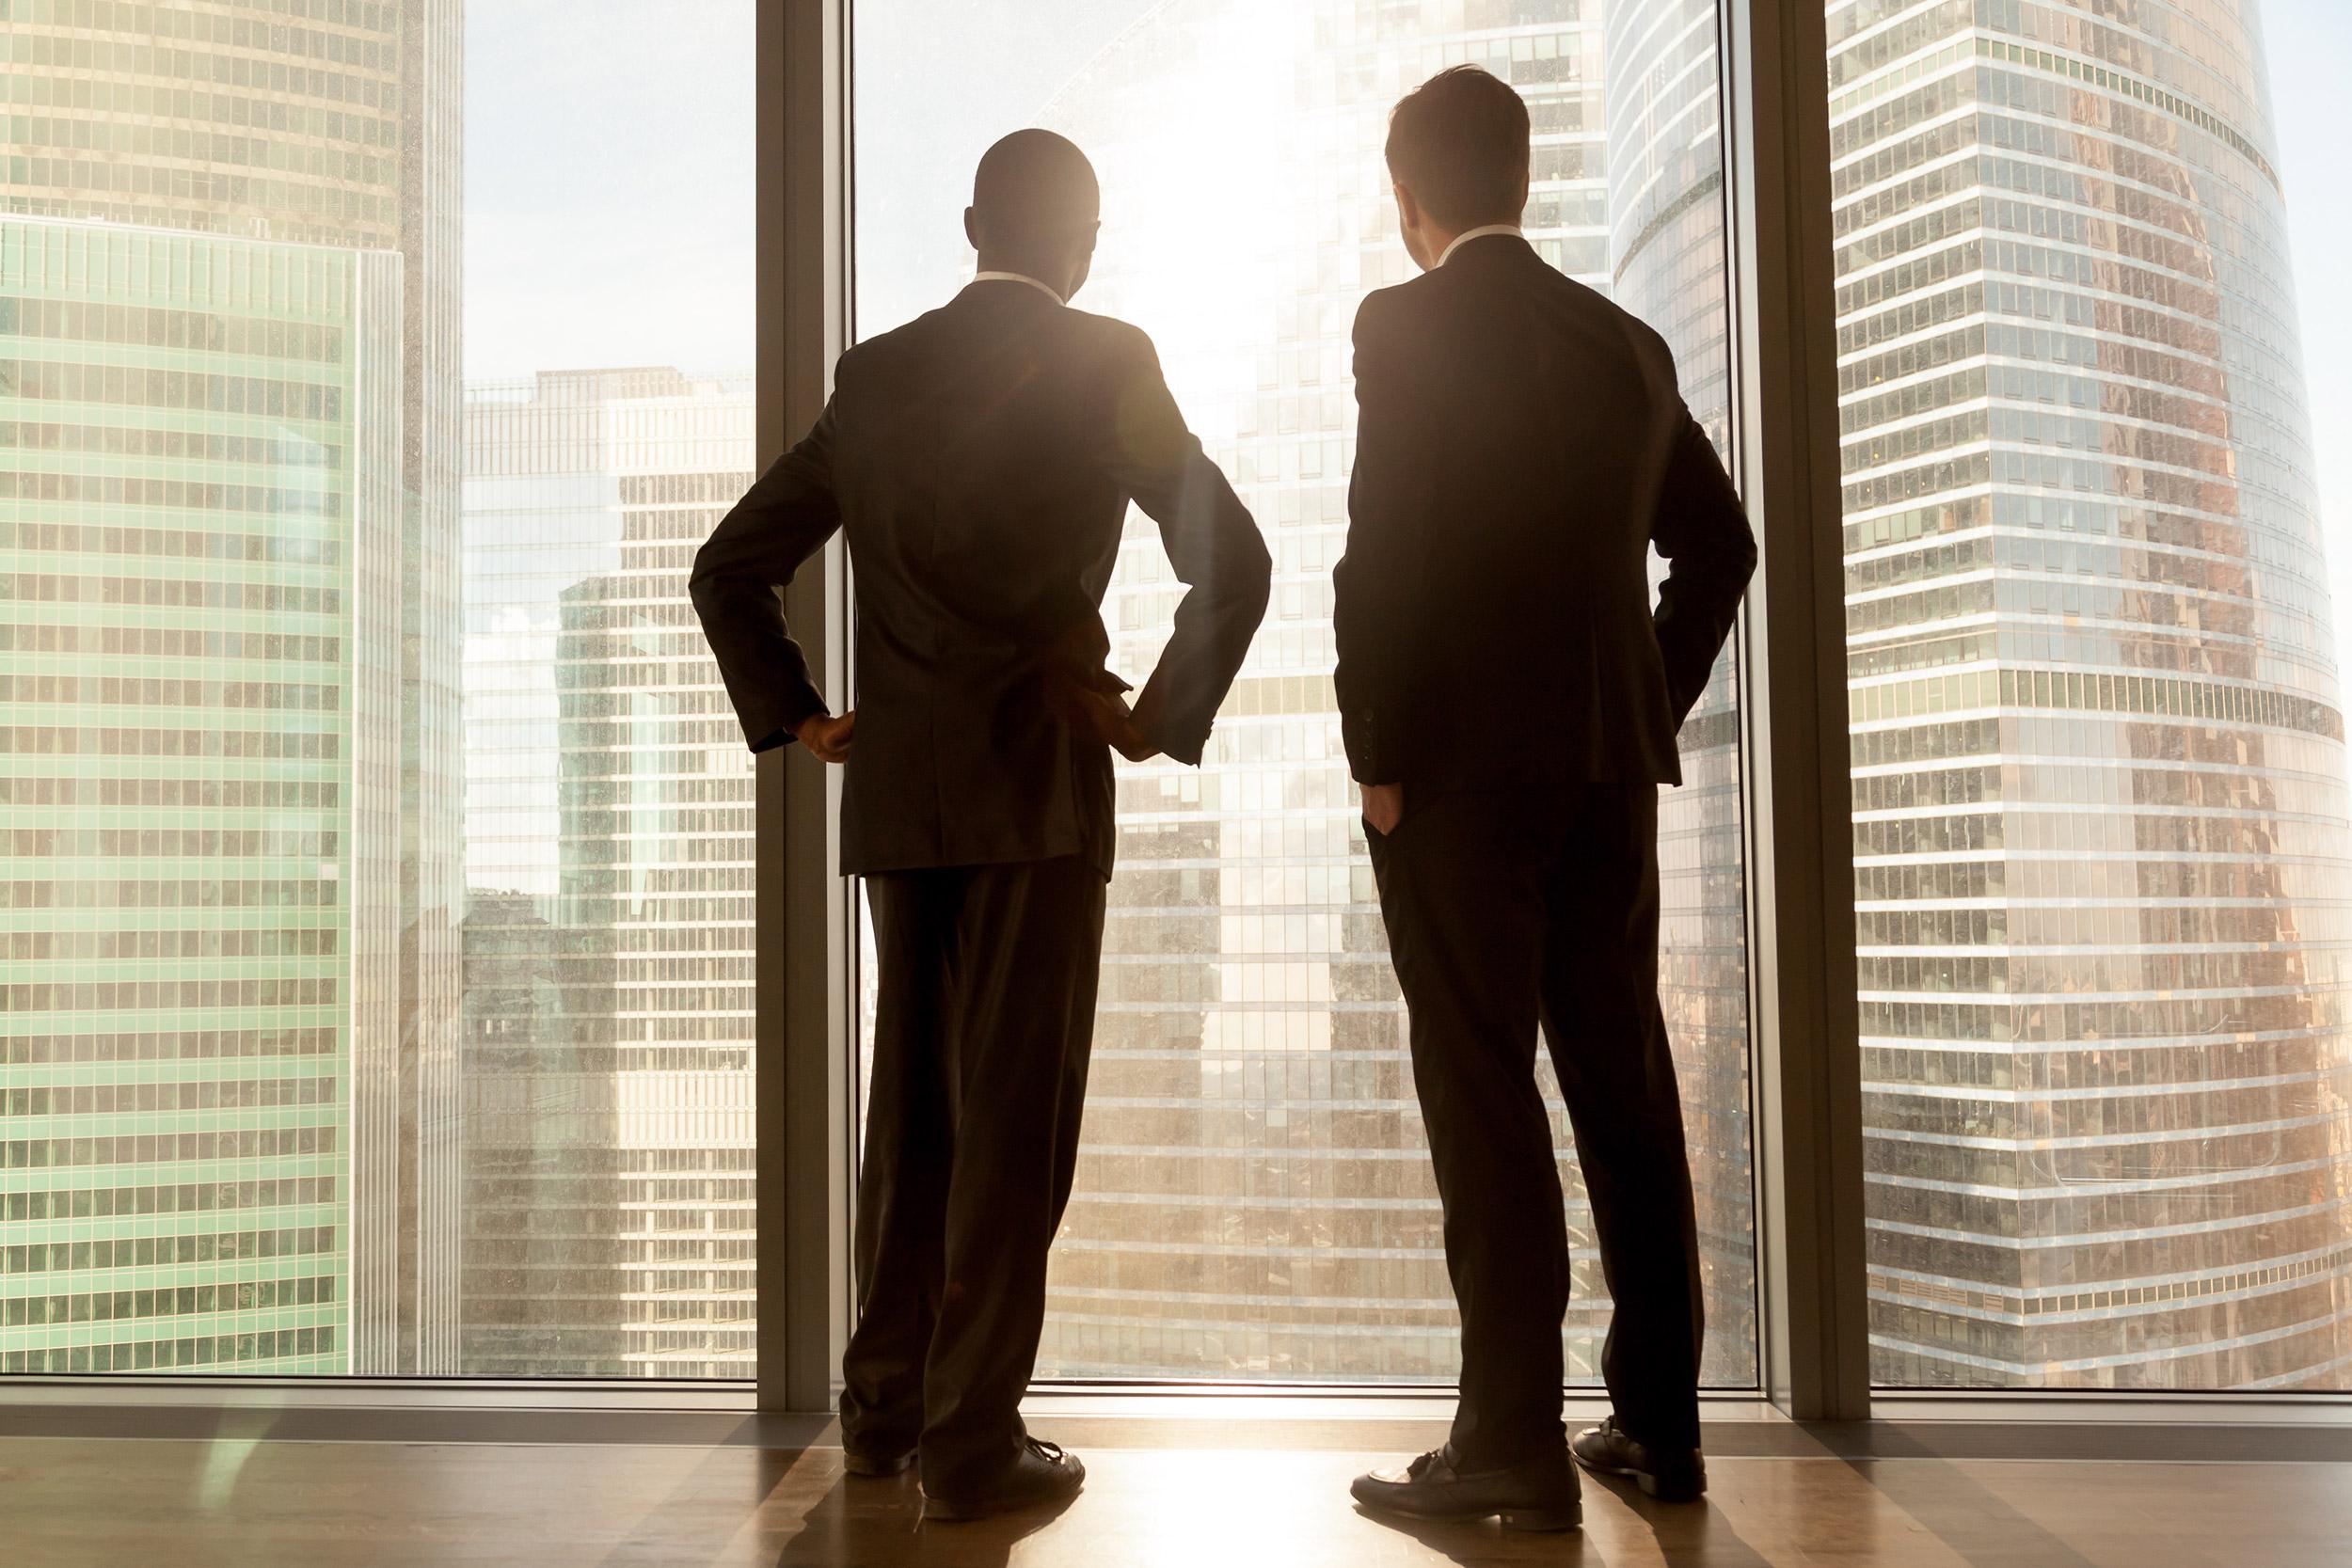 Two Australian men looking outside the building